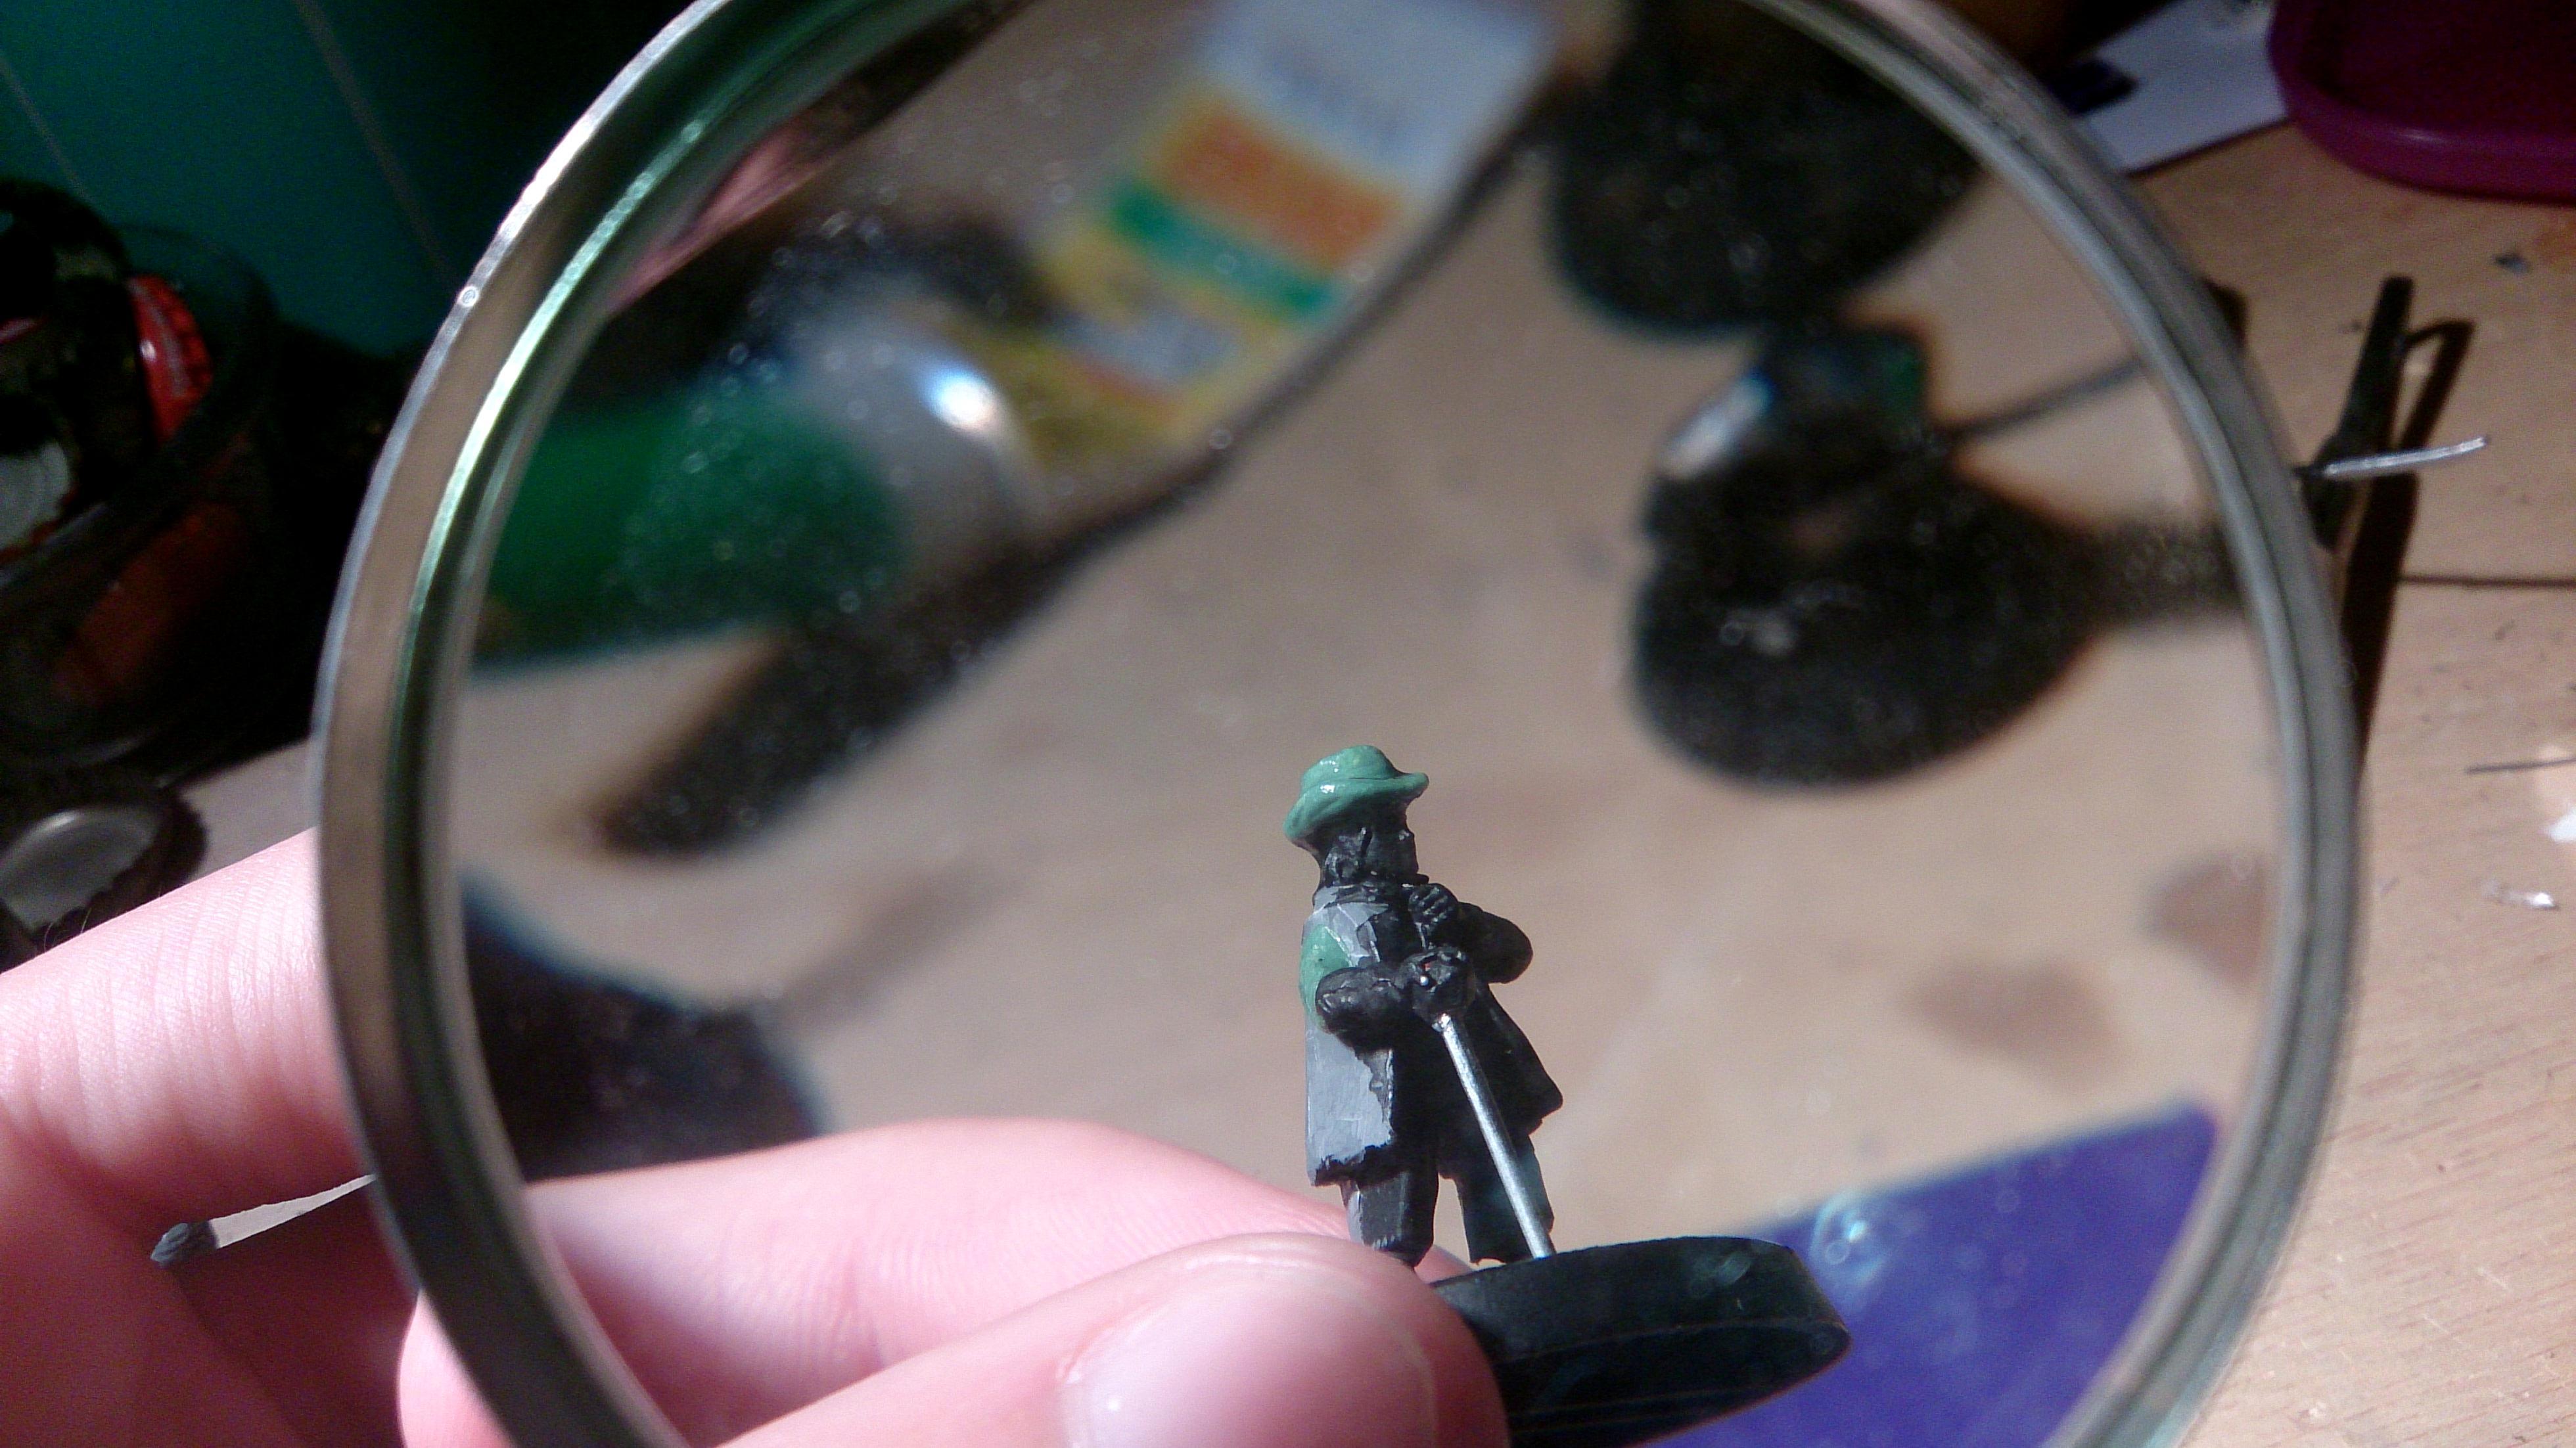 Converted Hobbit Gentleman Sculpt 2